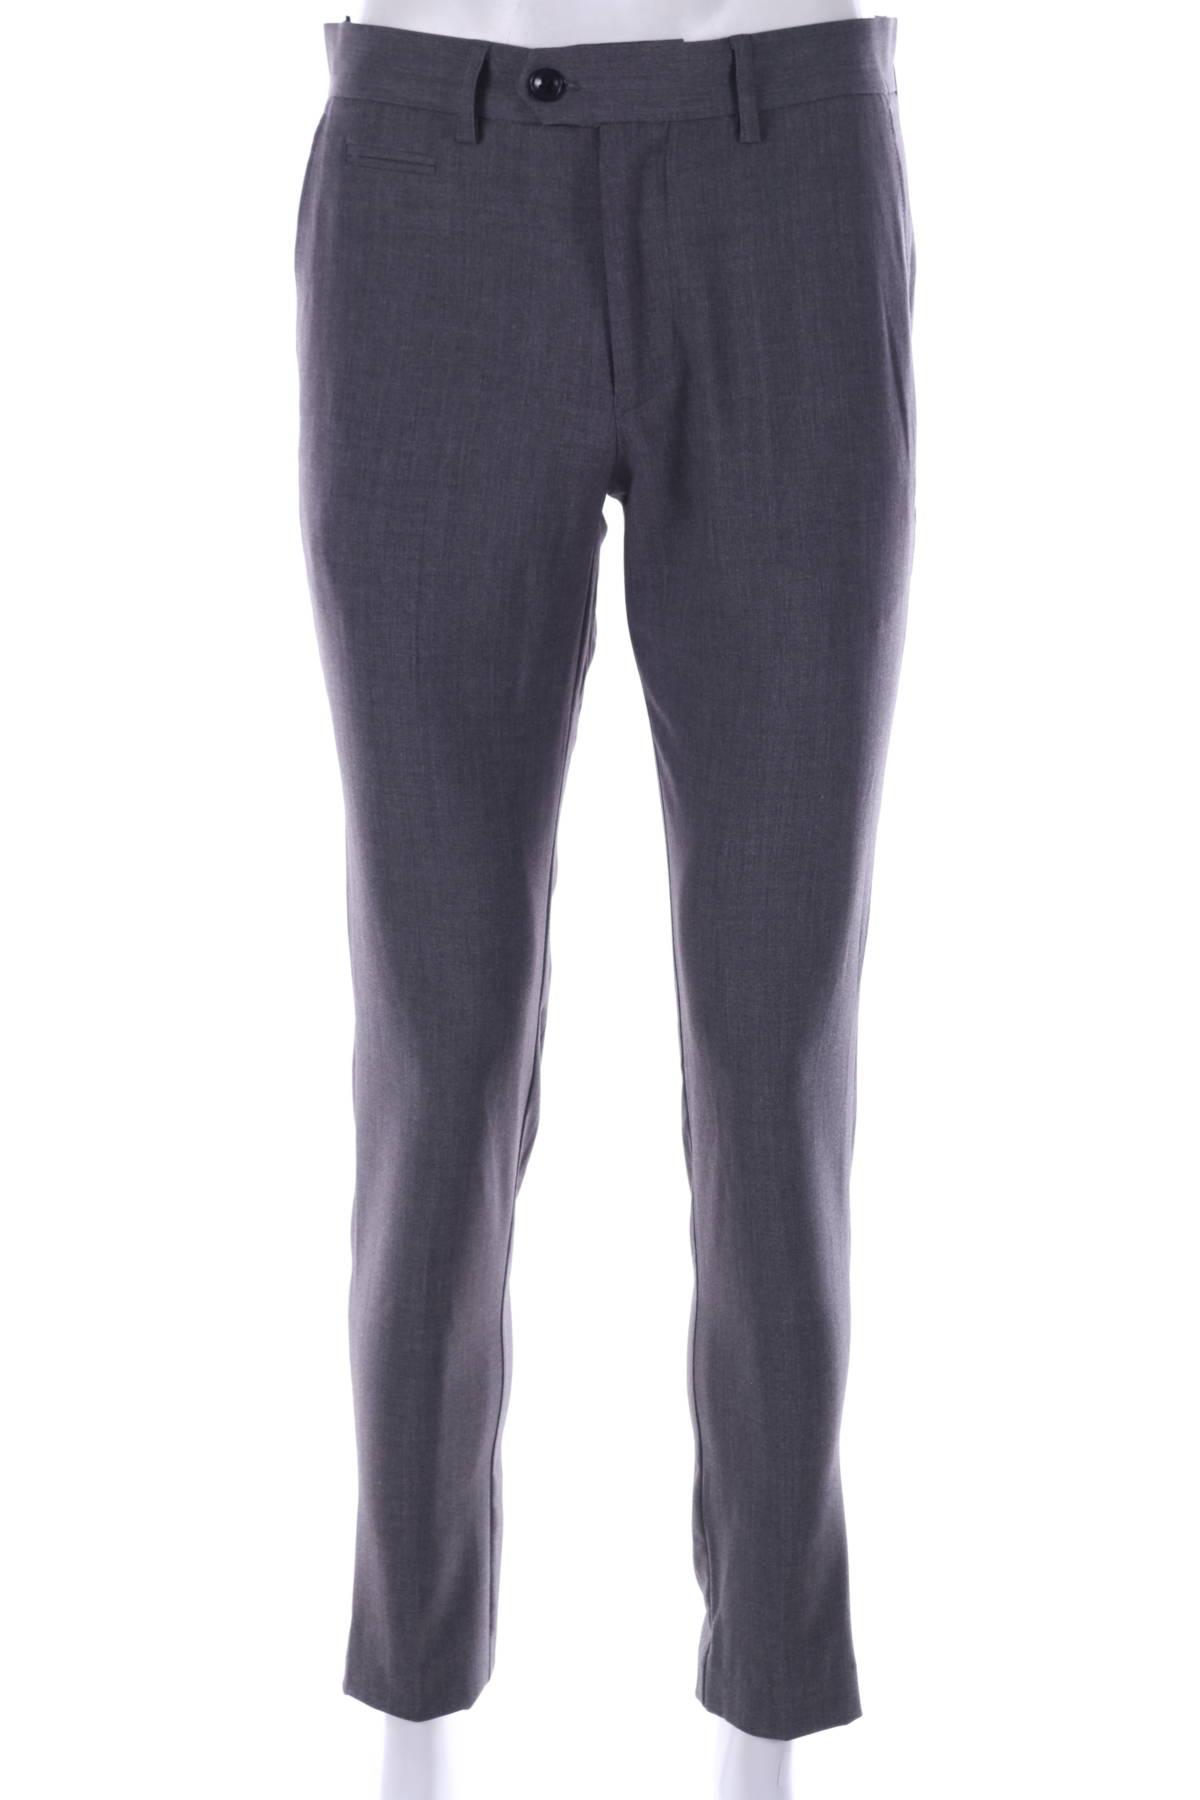 Официален панталон LINDBERGH1